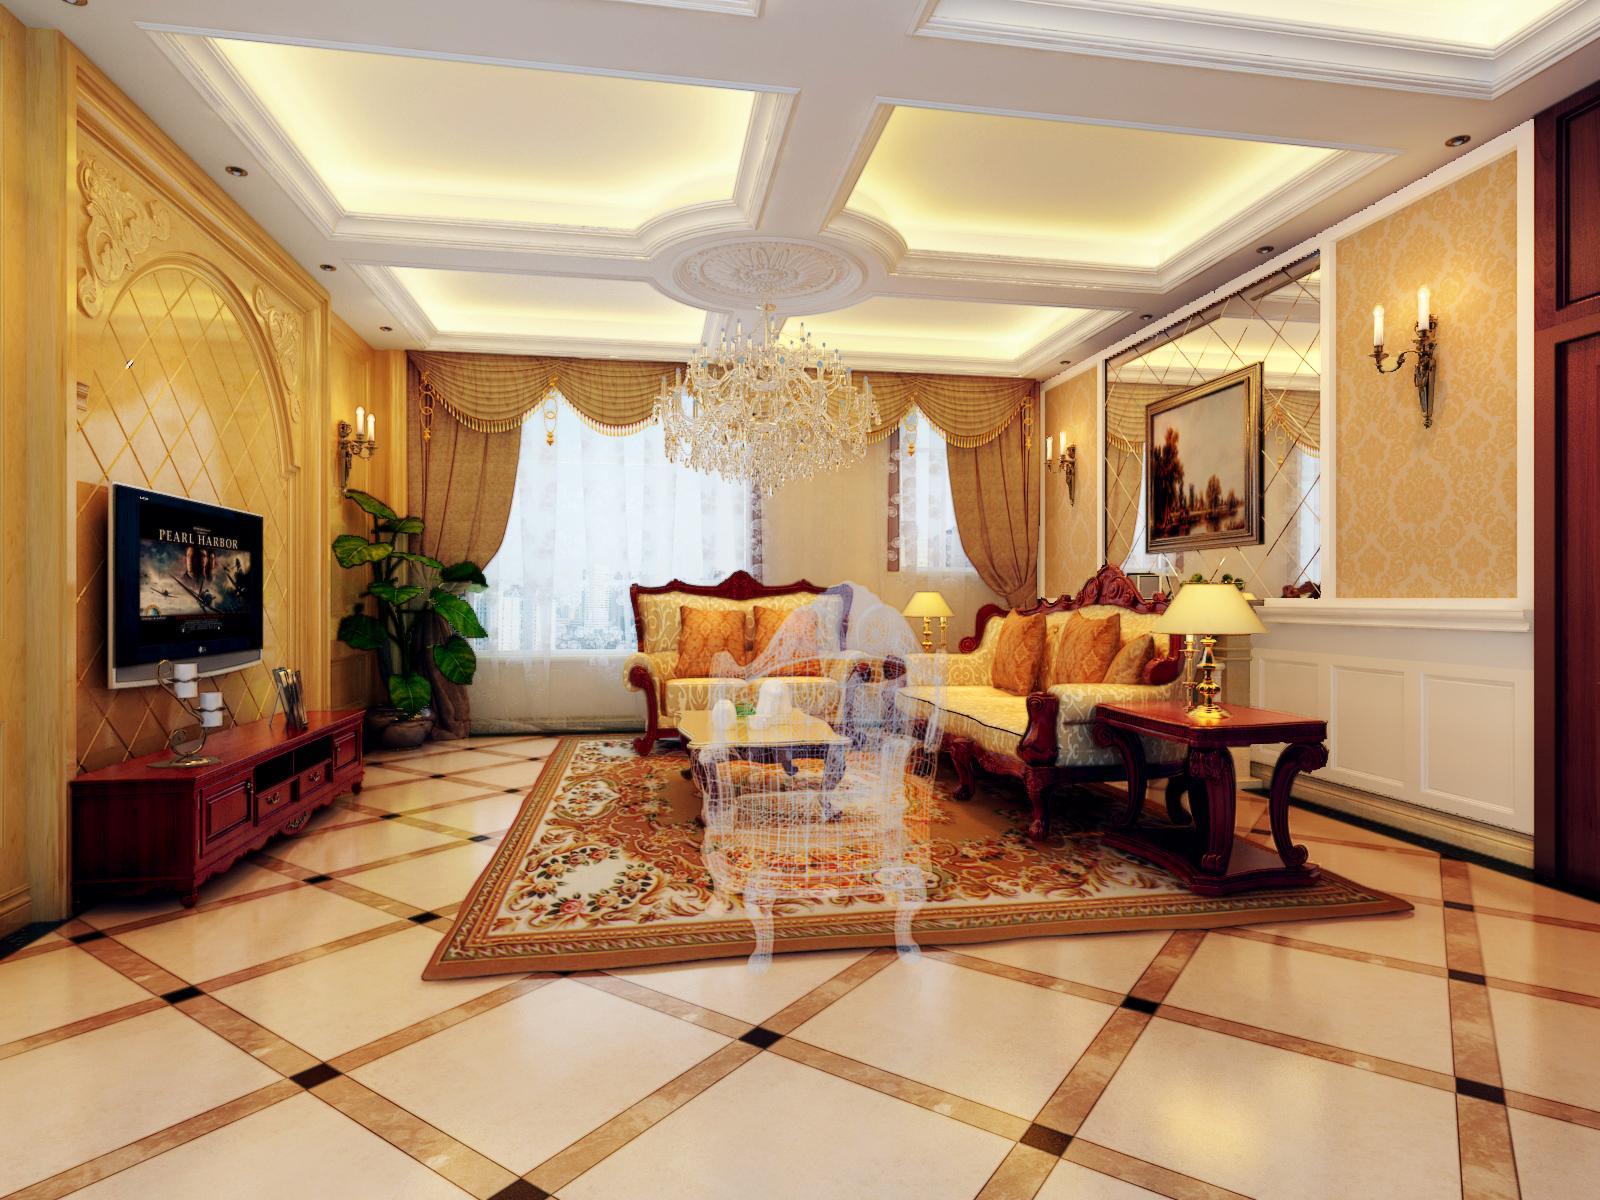 来体现更大气的效果,沙发背景以石材和护墙板为主,电视背景以护墙体为图片